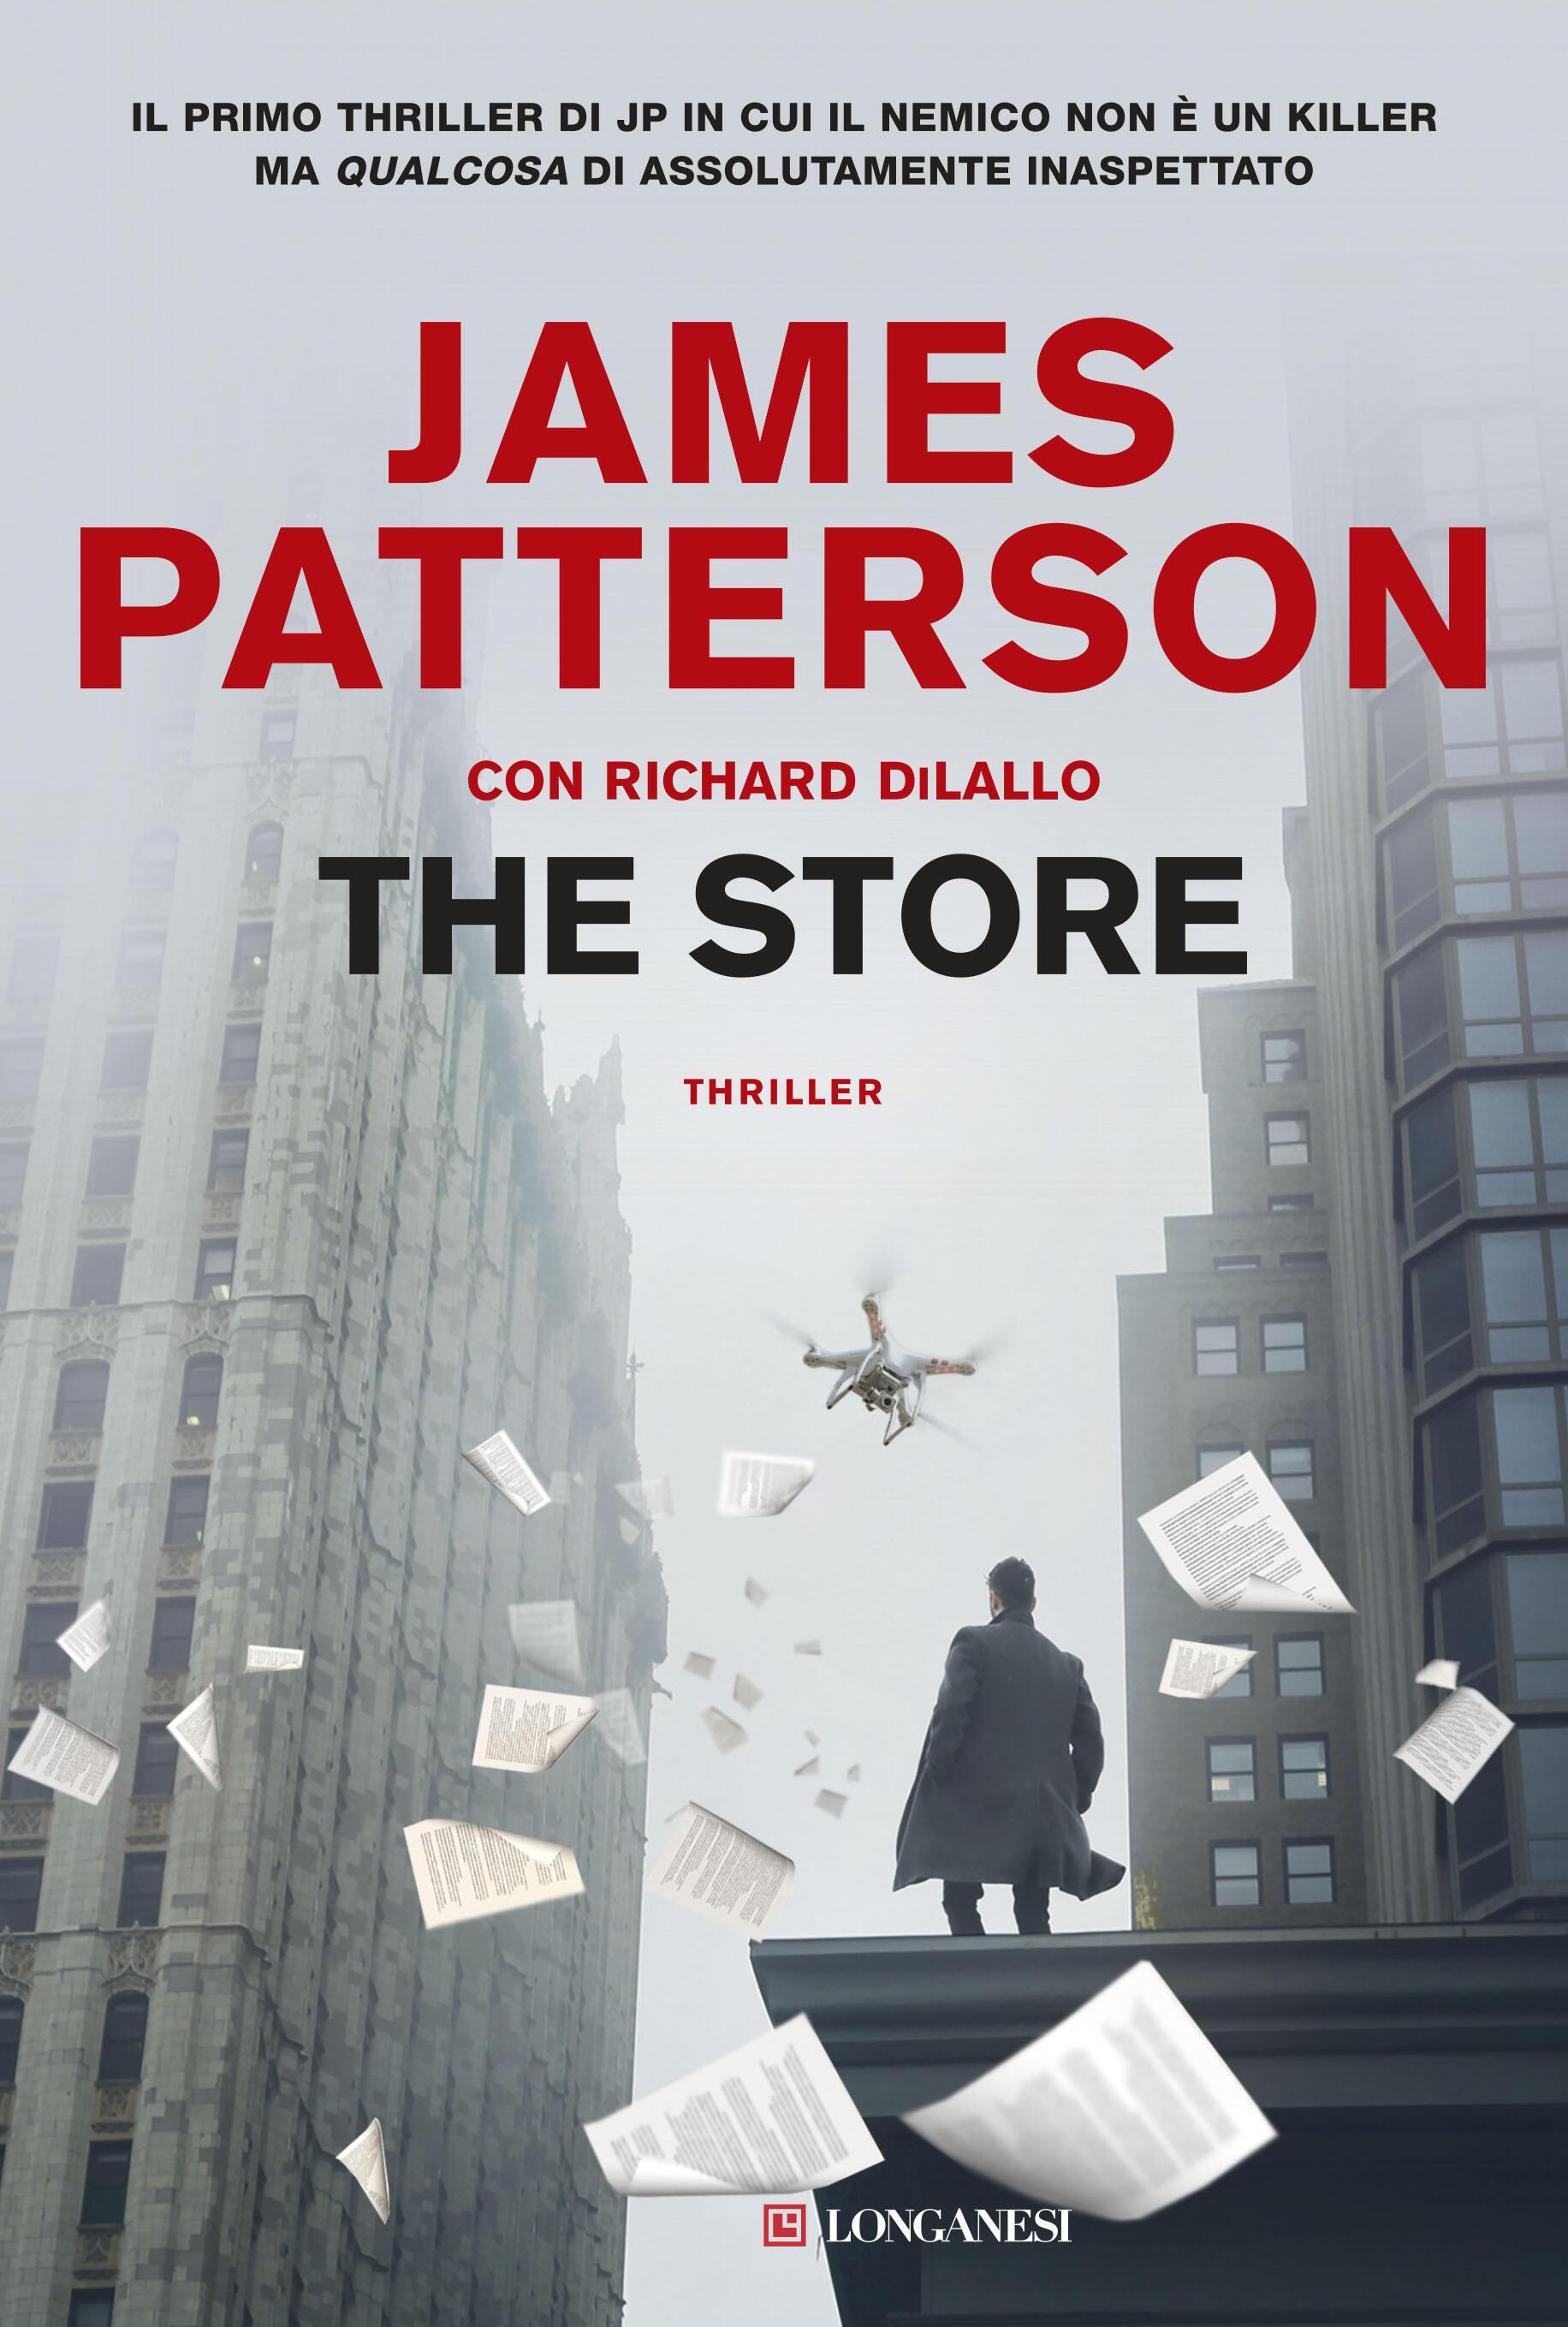 Risultati immagini per james patterson the store